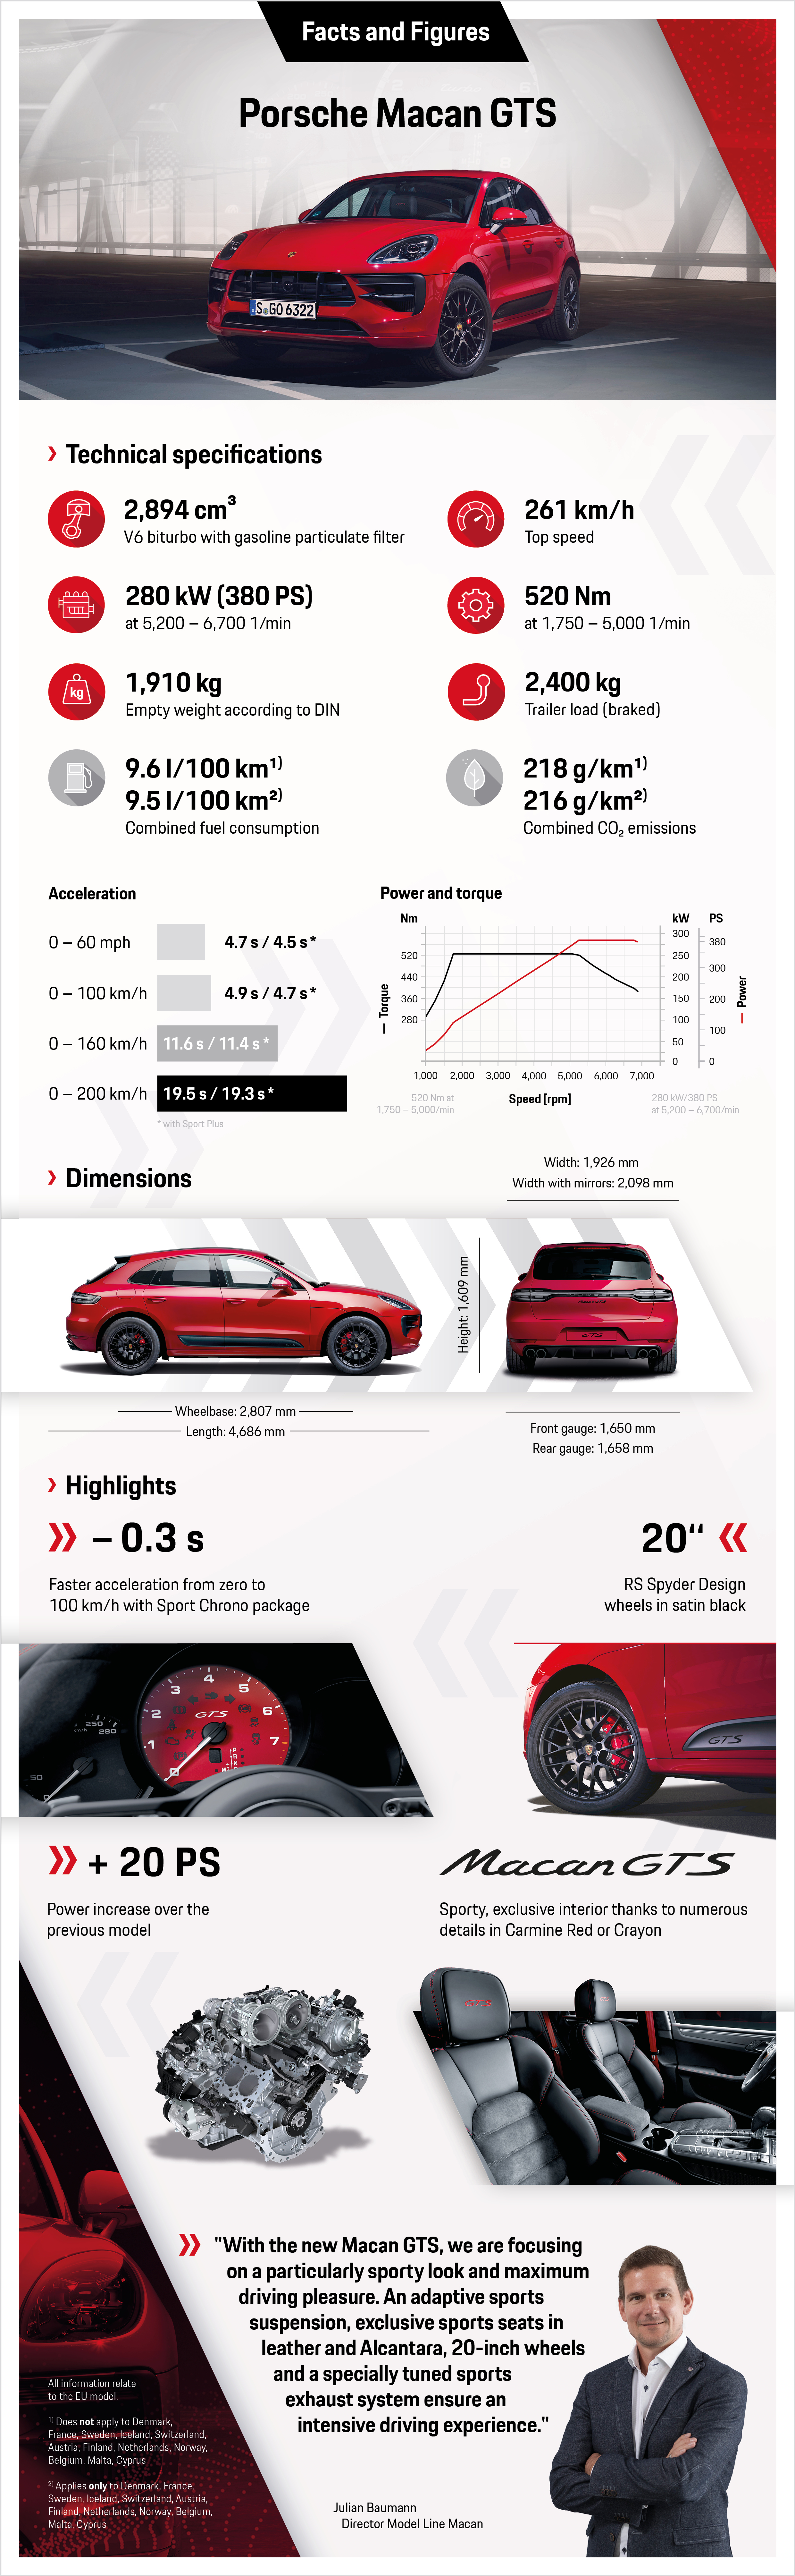 Macan GTS, infographic, 2019, Porsche AG